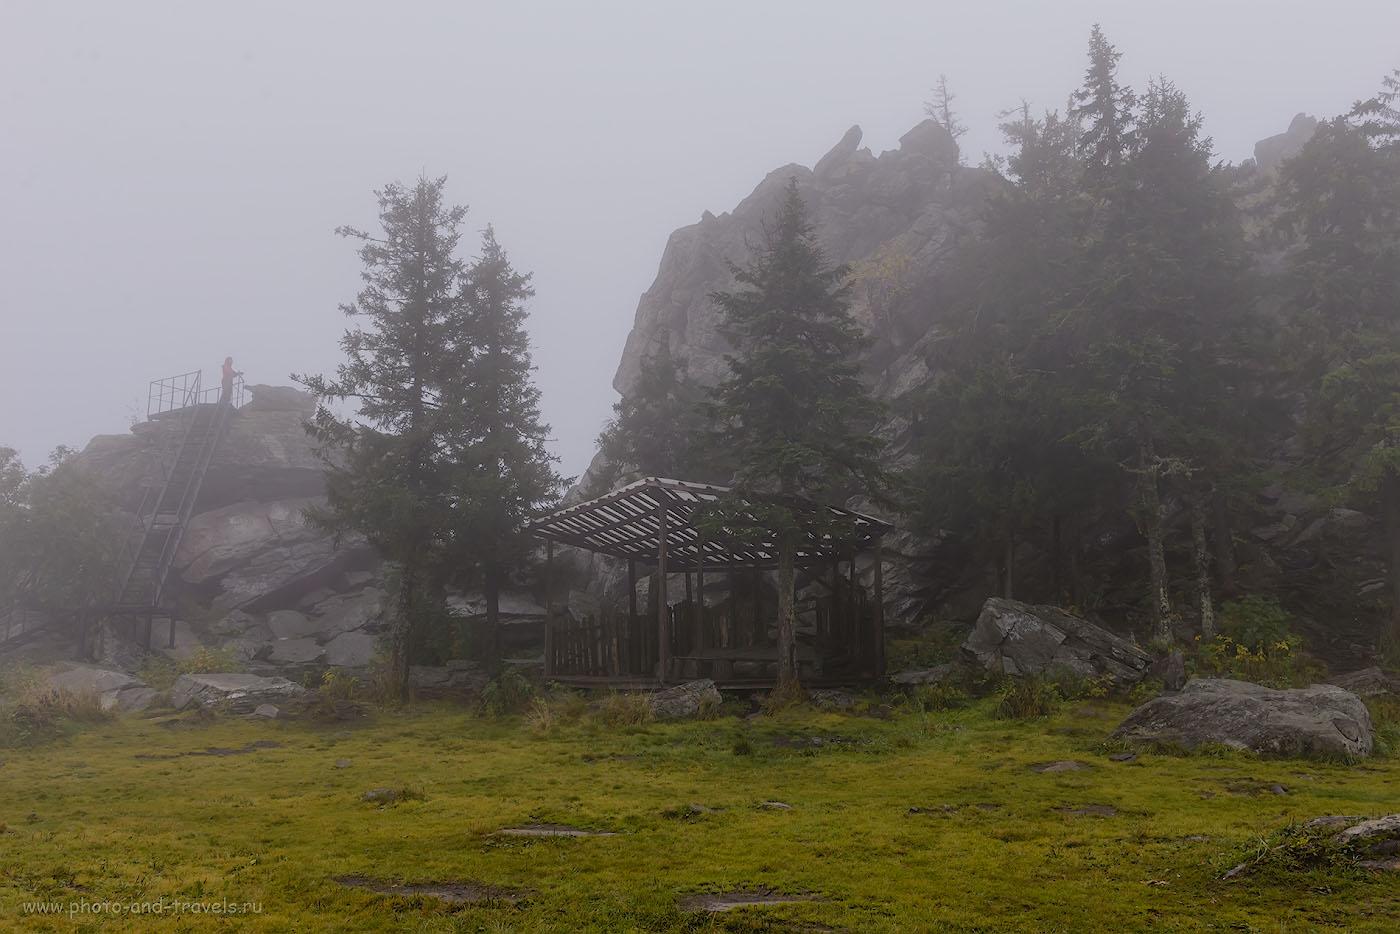 Фотография 14. Смотровая площадка Черная скала на «Таганае». Отзывы об однодневном походе осенью. 1/320, 9.0, 1100, 29.